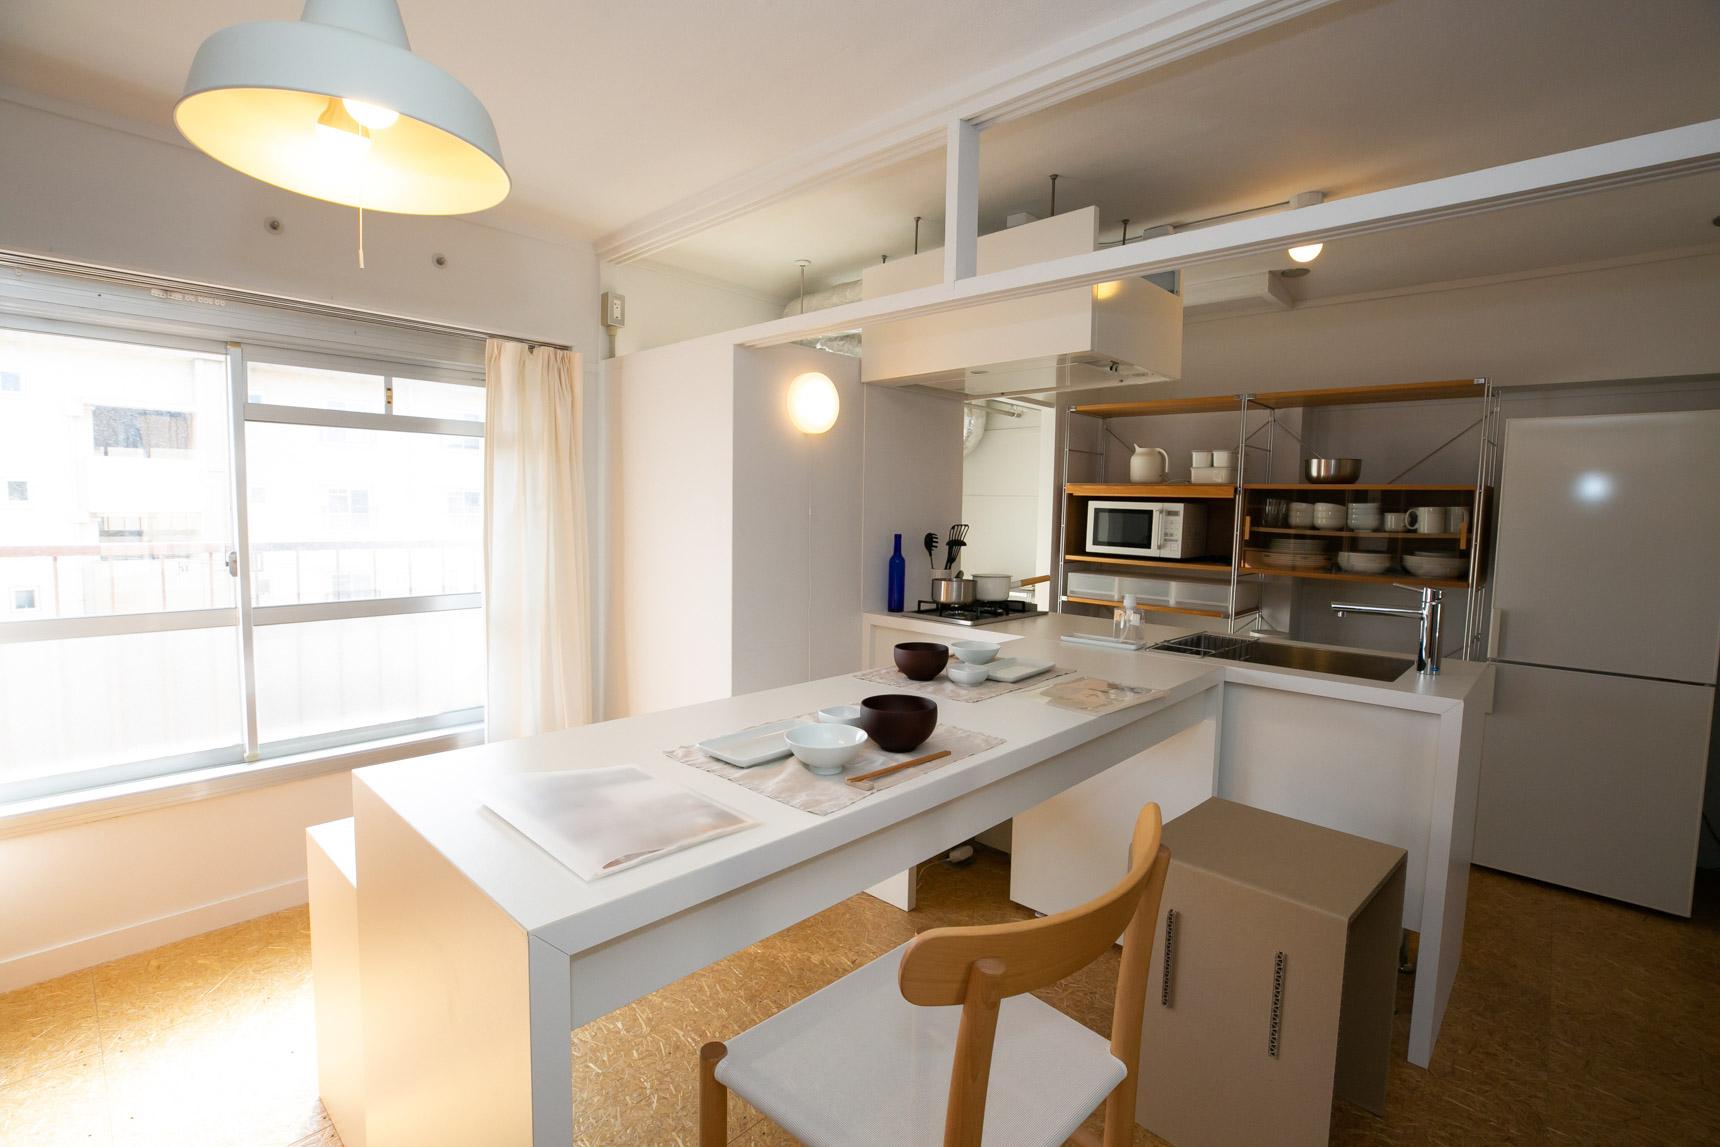 千里青山台には、人気の「MUJI×UR 団地リノベーションプロジェクト」のお部屋もあります。オリジナルのキッチンやダイニングテーブルなど、フレキシブルに形を変えながら、シンプルに暮らせる仕掛けがたくさん。